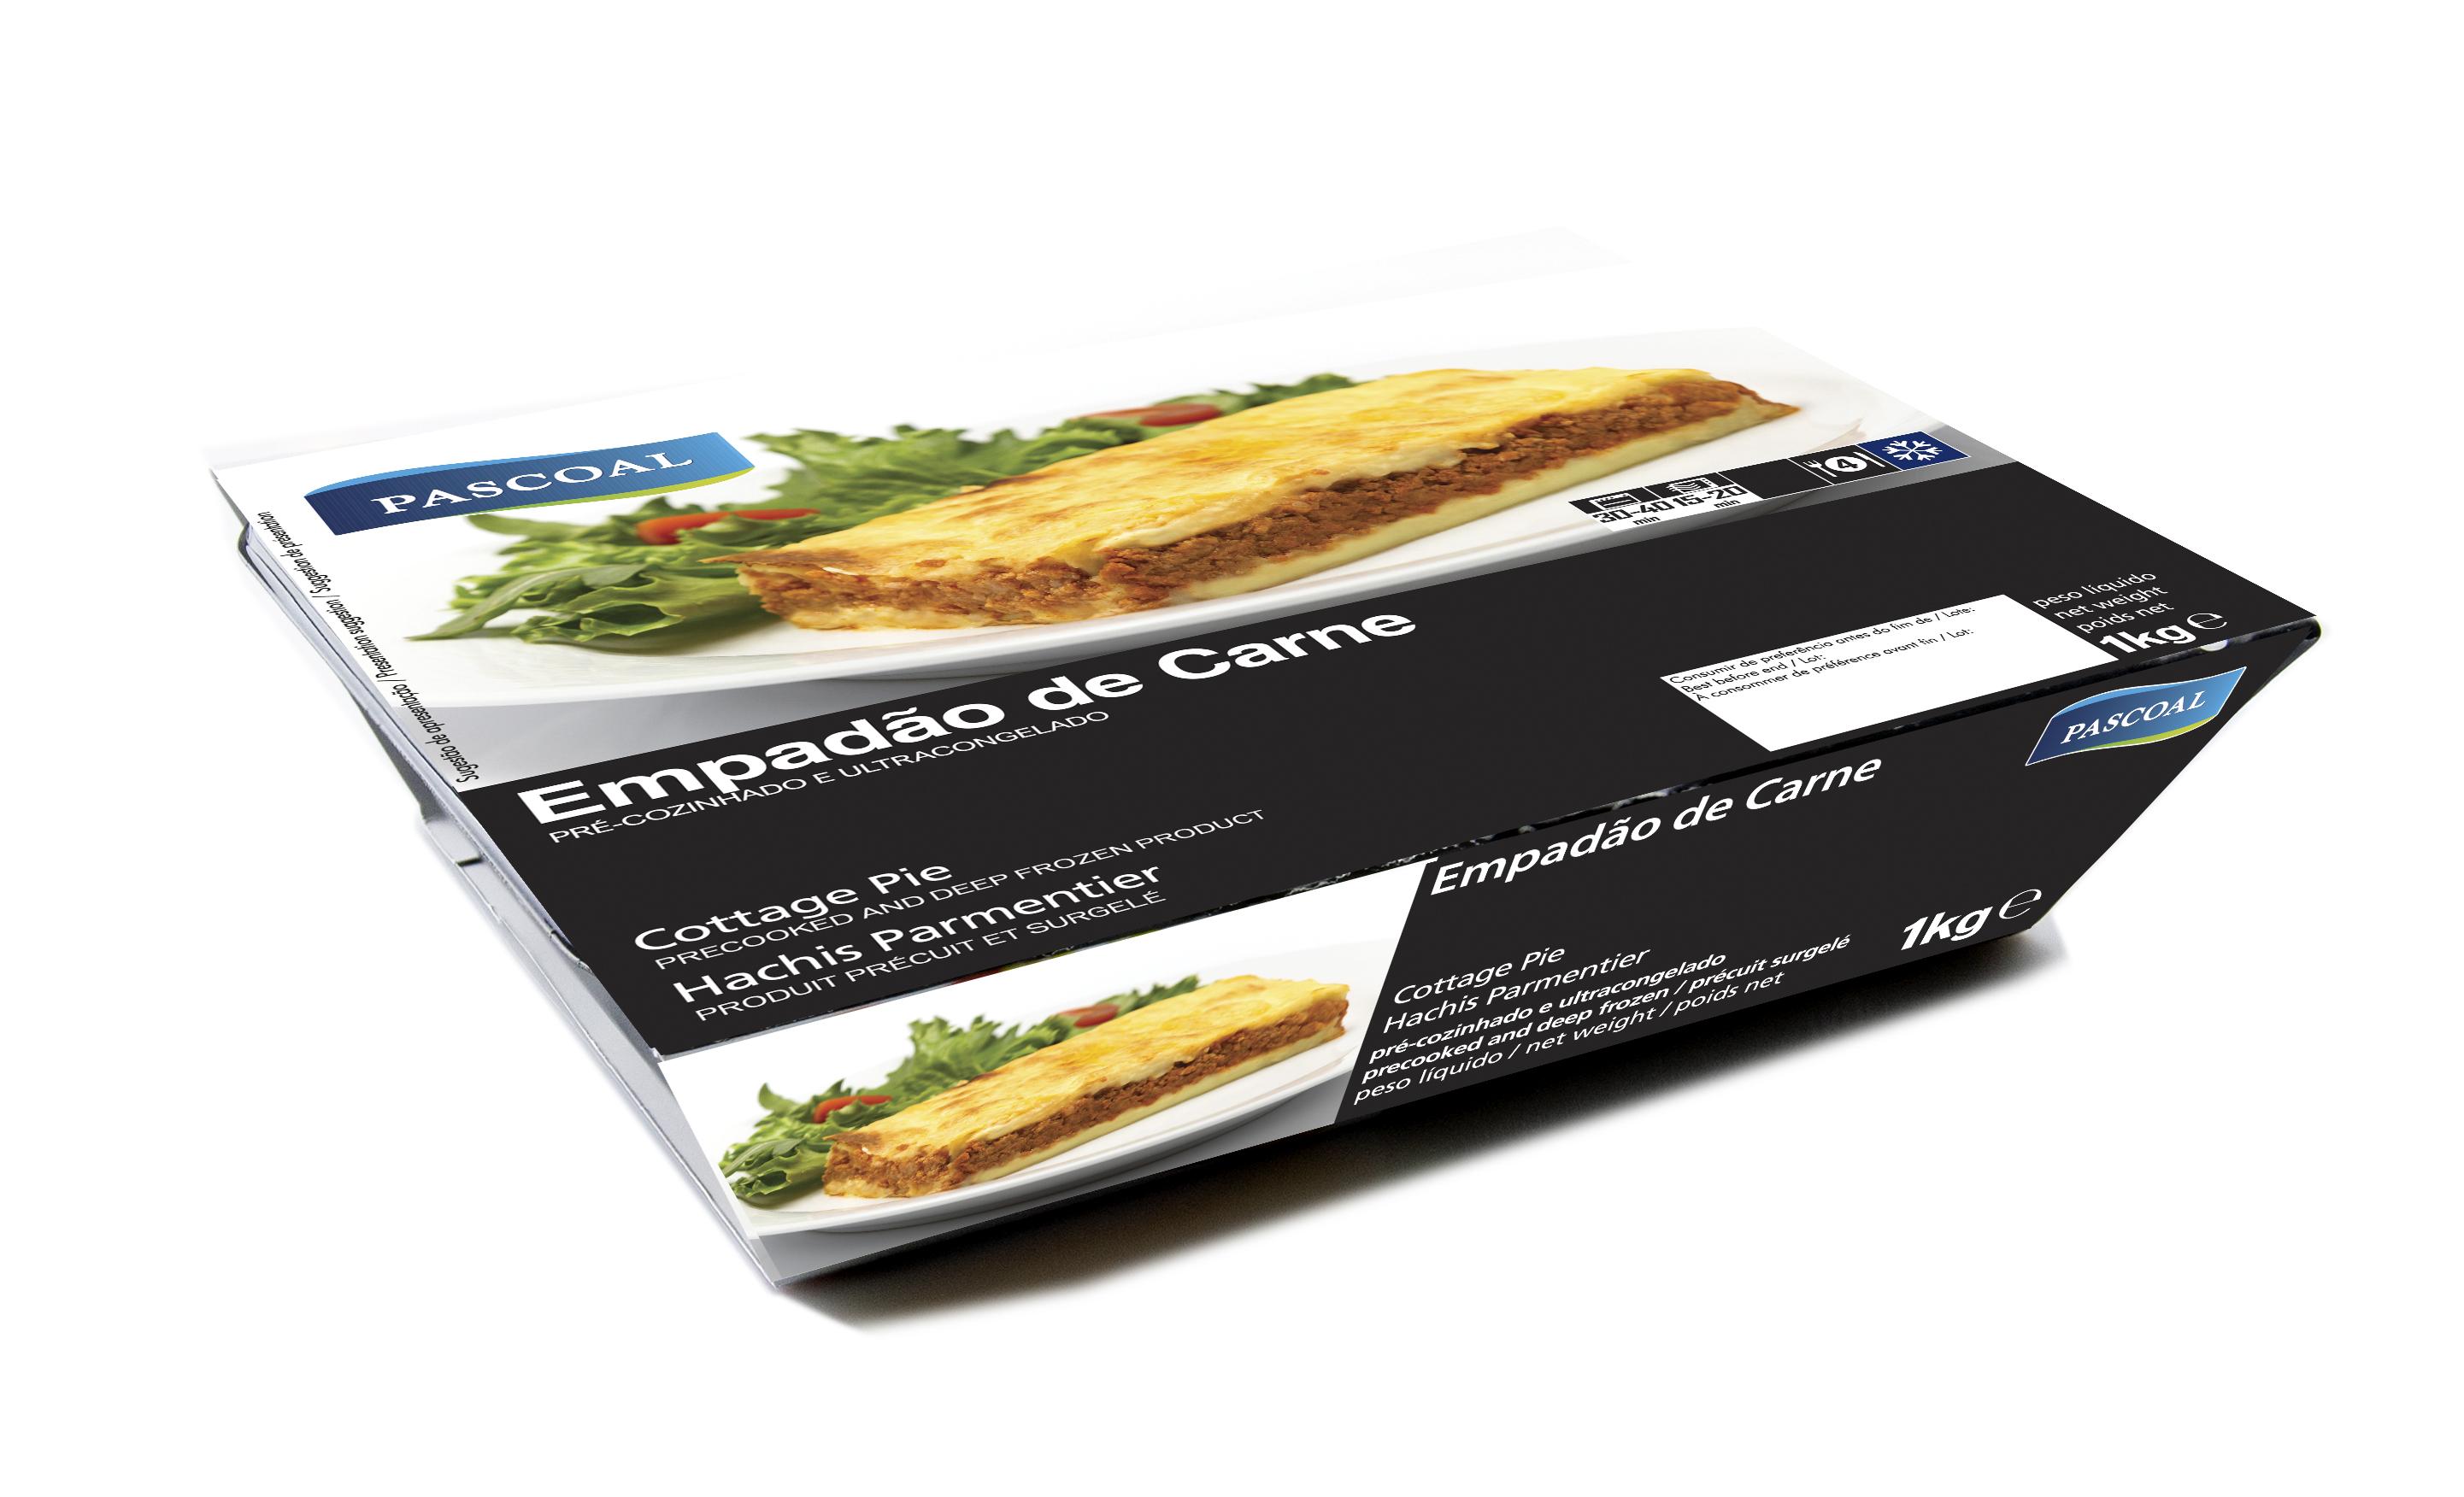 Empadão de Carne 1kg